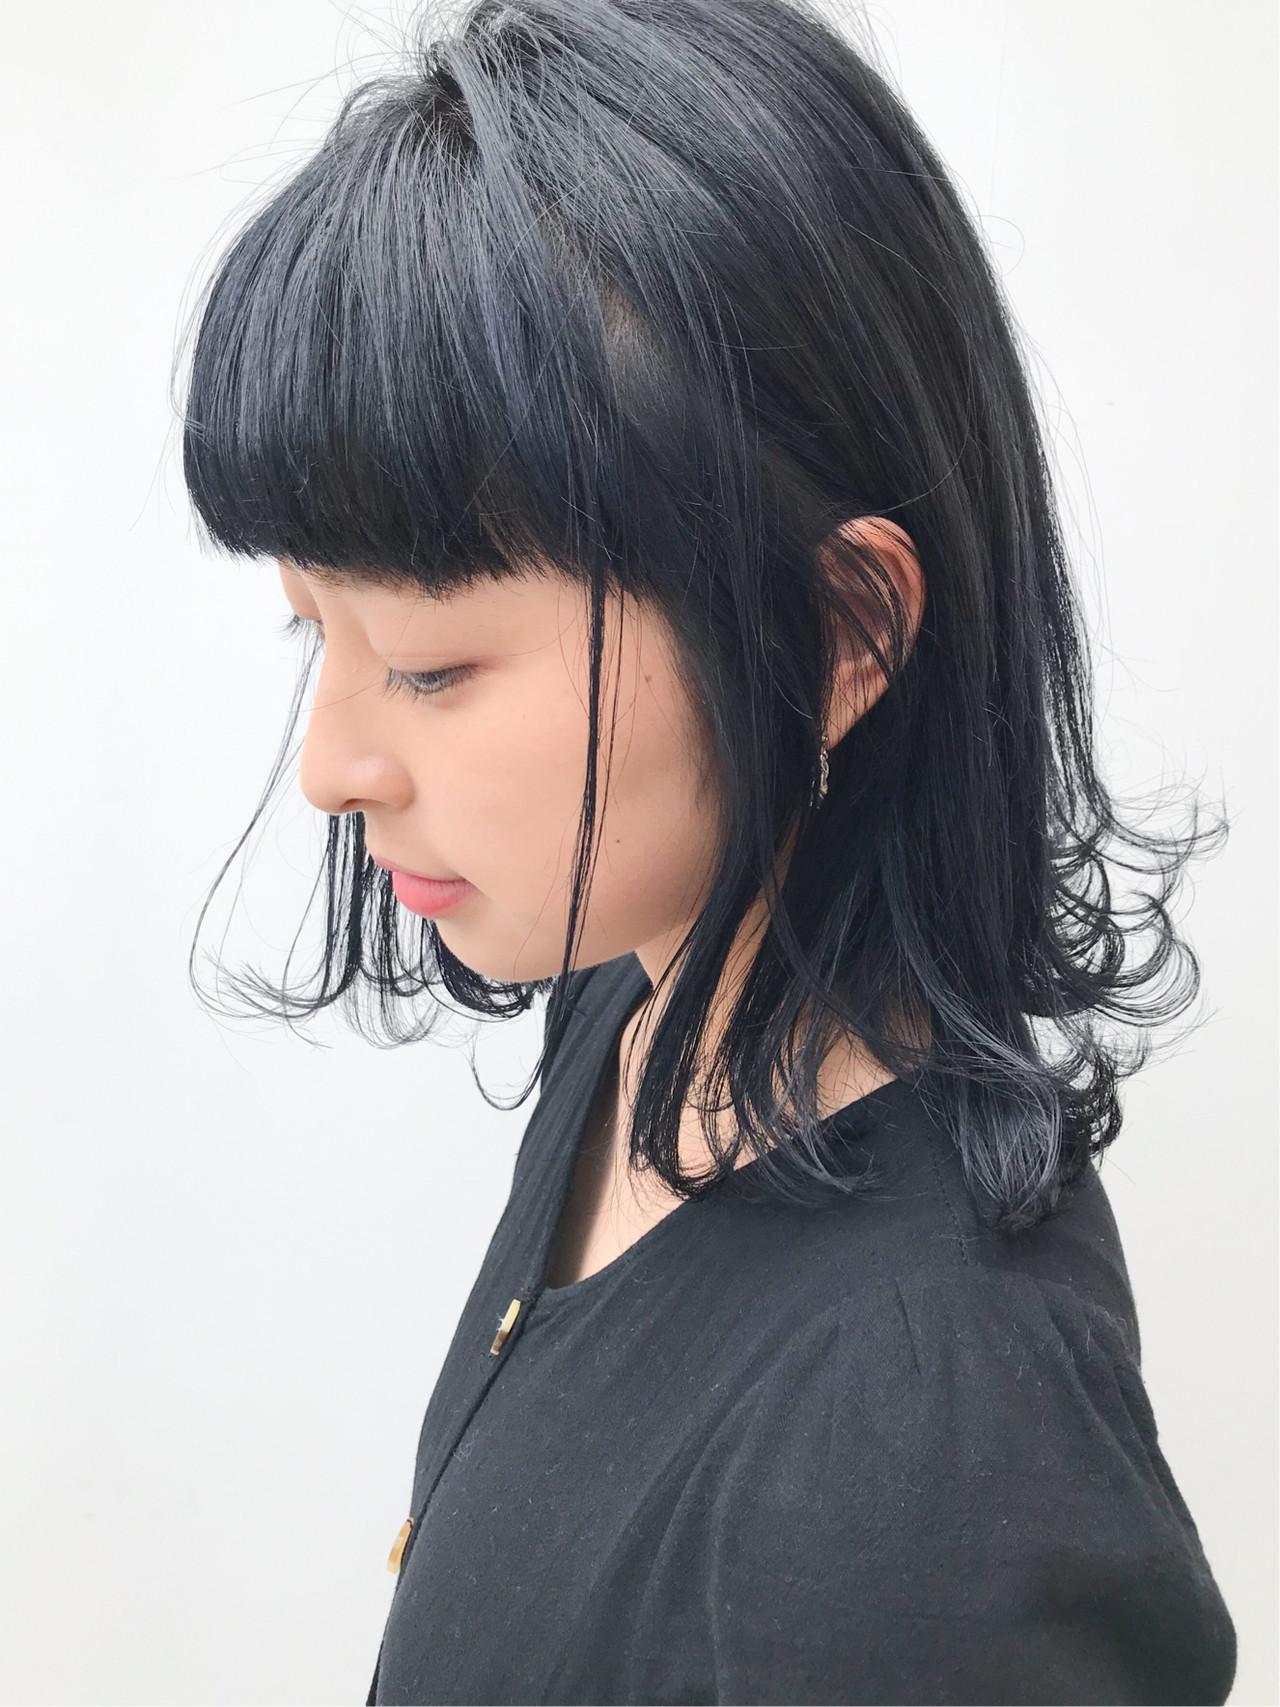 デート ミディアム 外ハネ ガーリー ヘアスタイルや髪型の写真・画像 | HIROKI / roijir / roijir